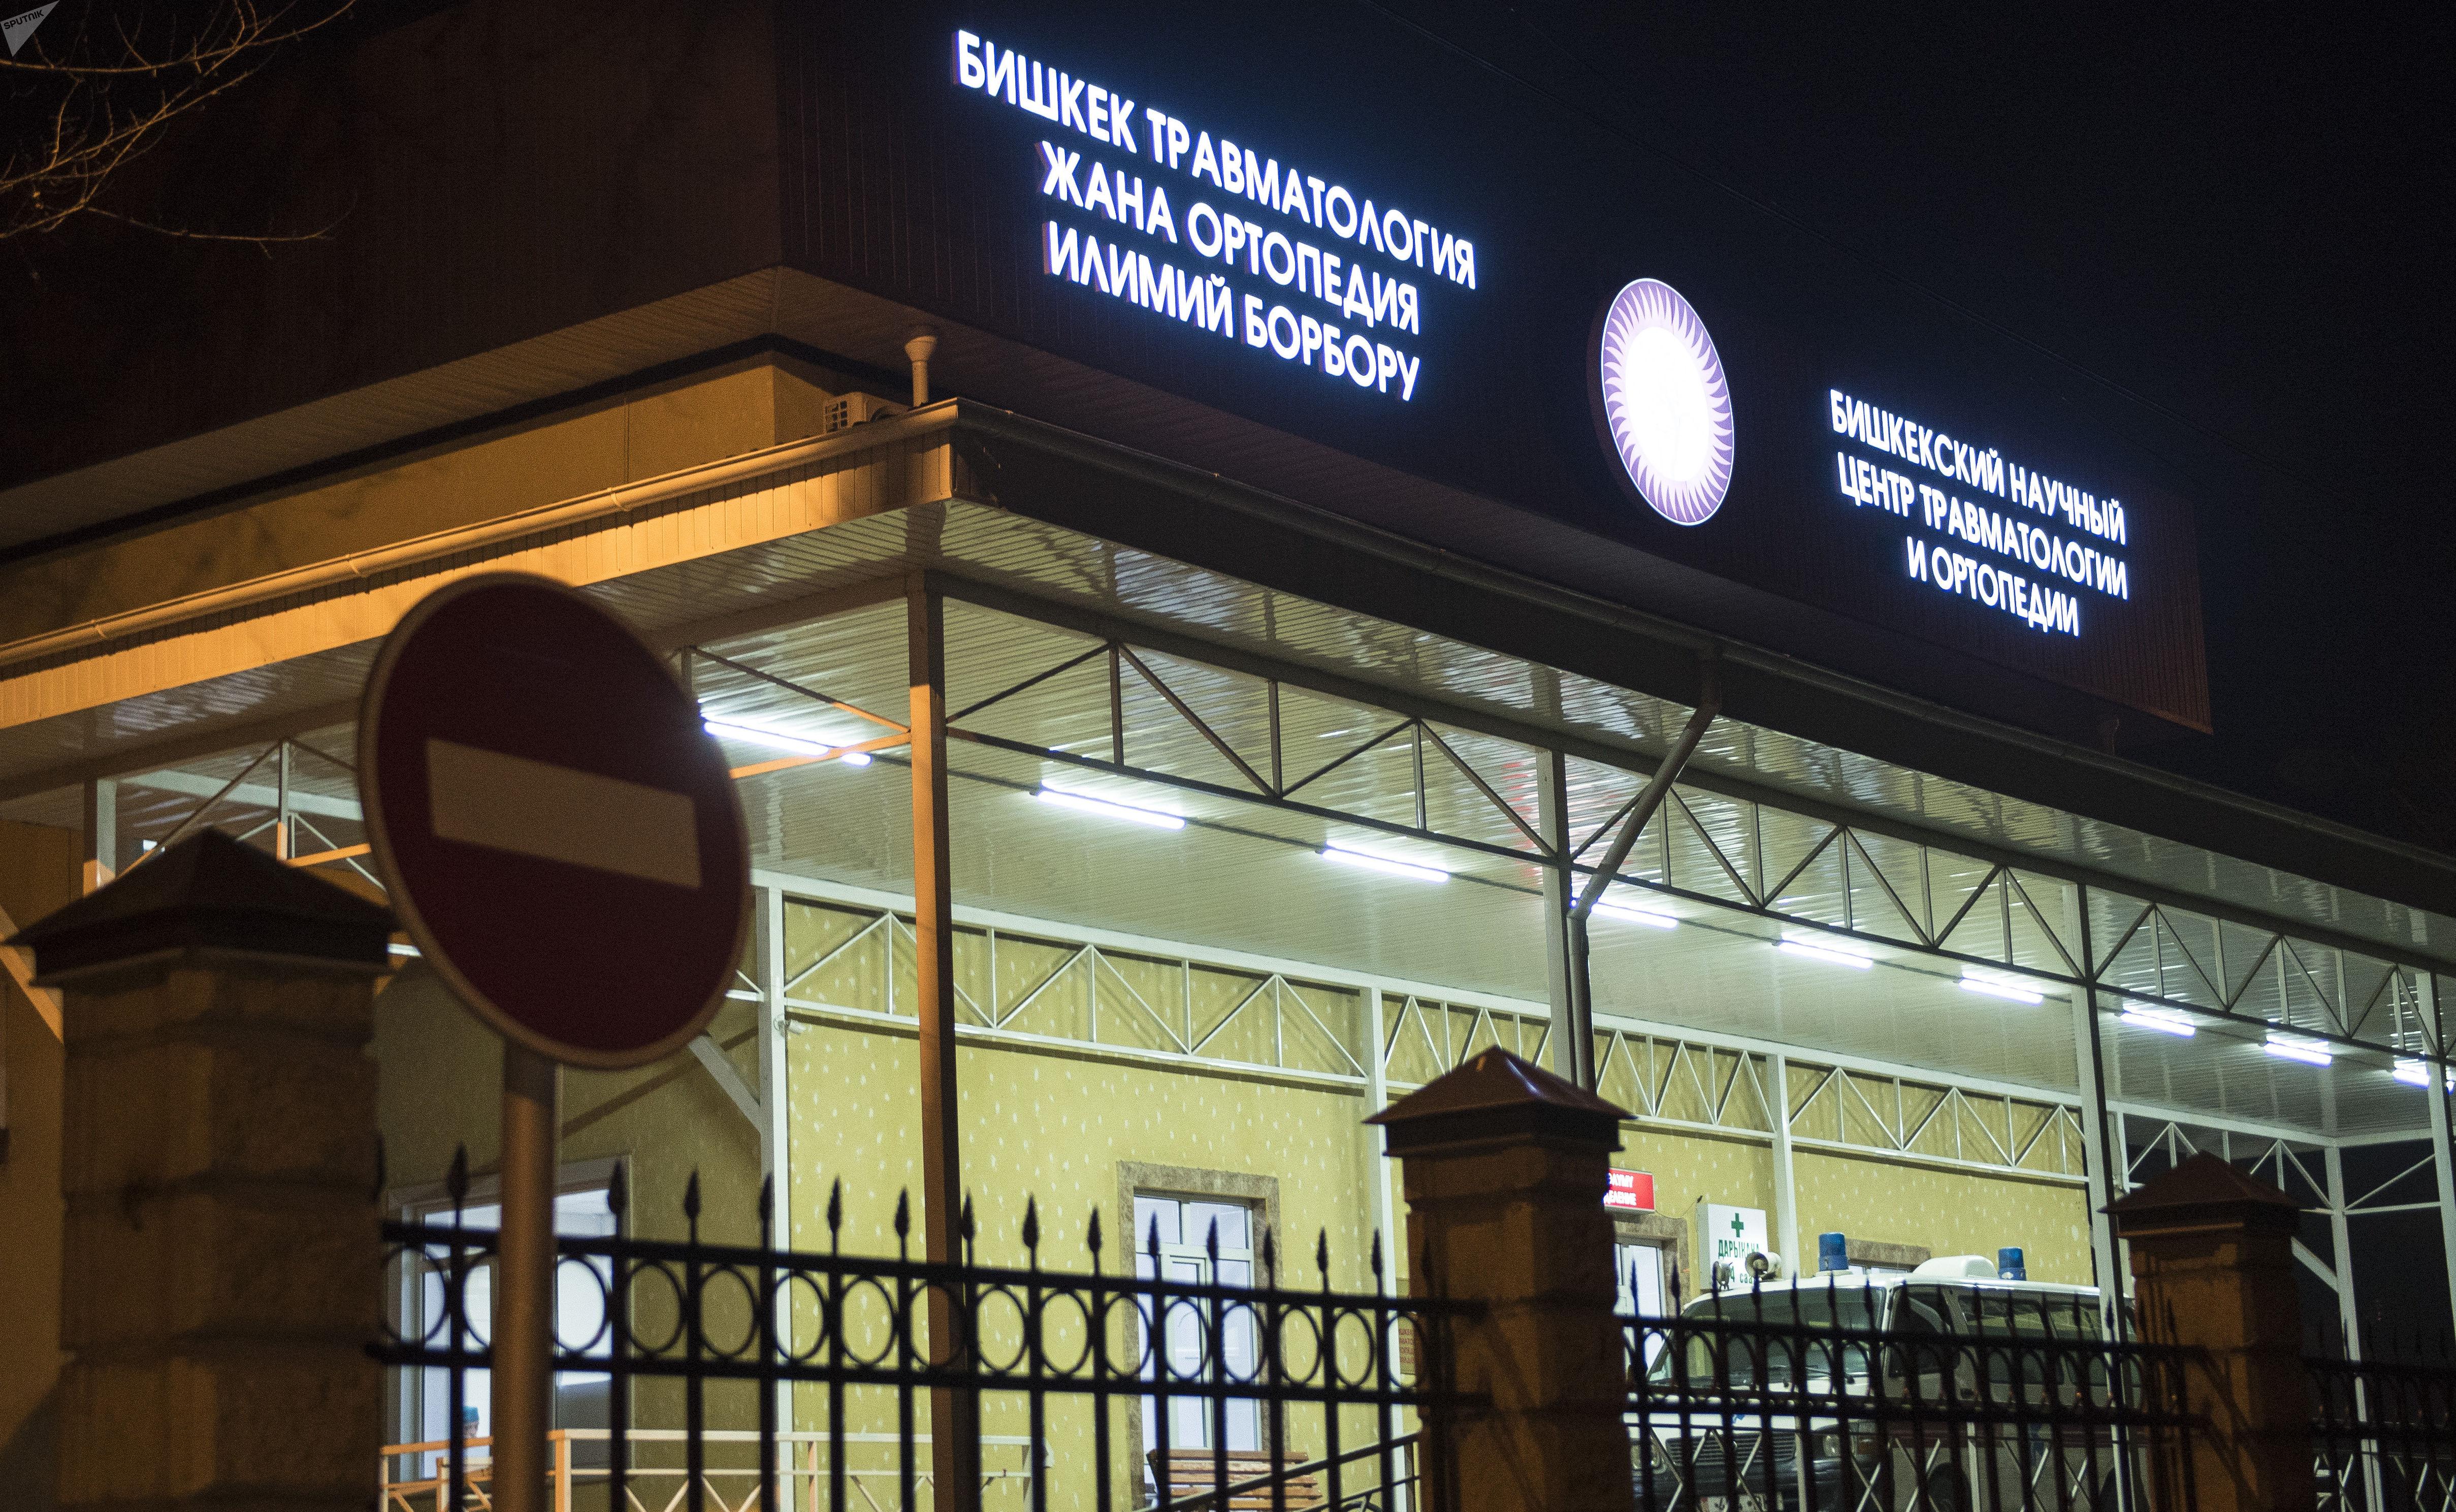 Бишкекский научно-исследовательский центр травматологии и ортопедии